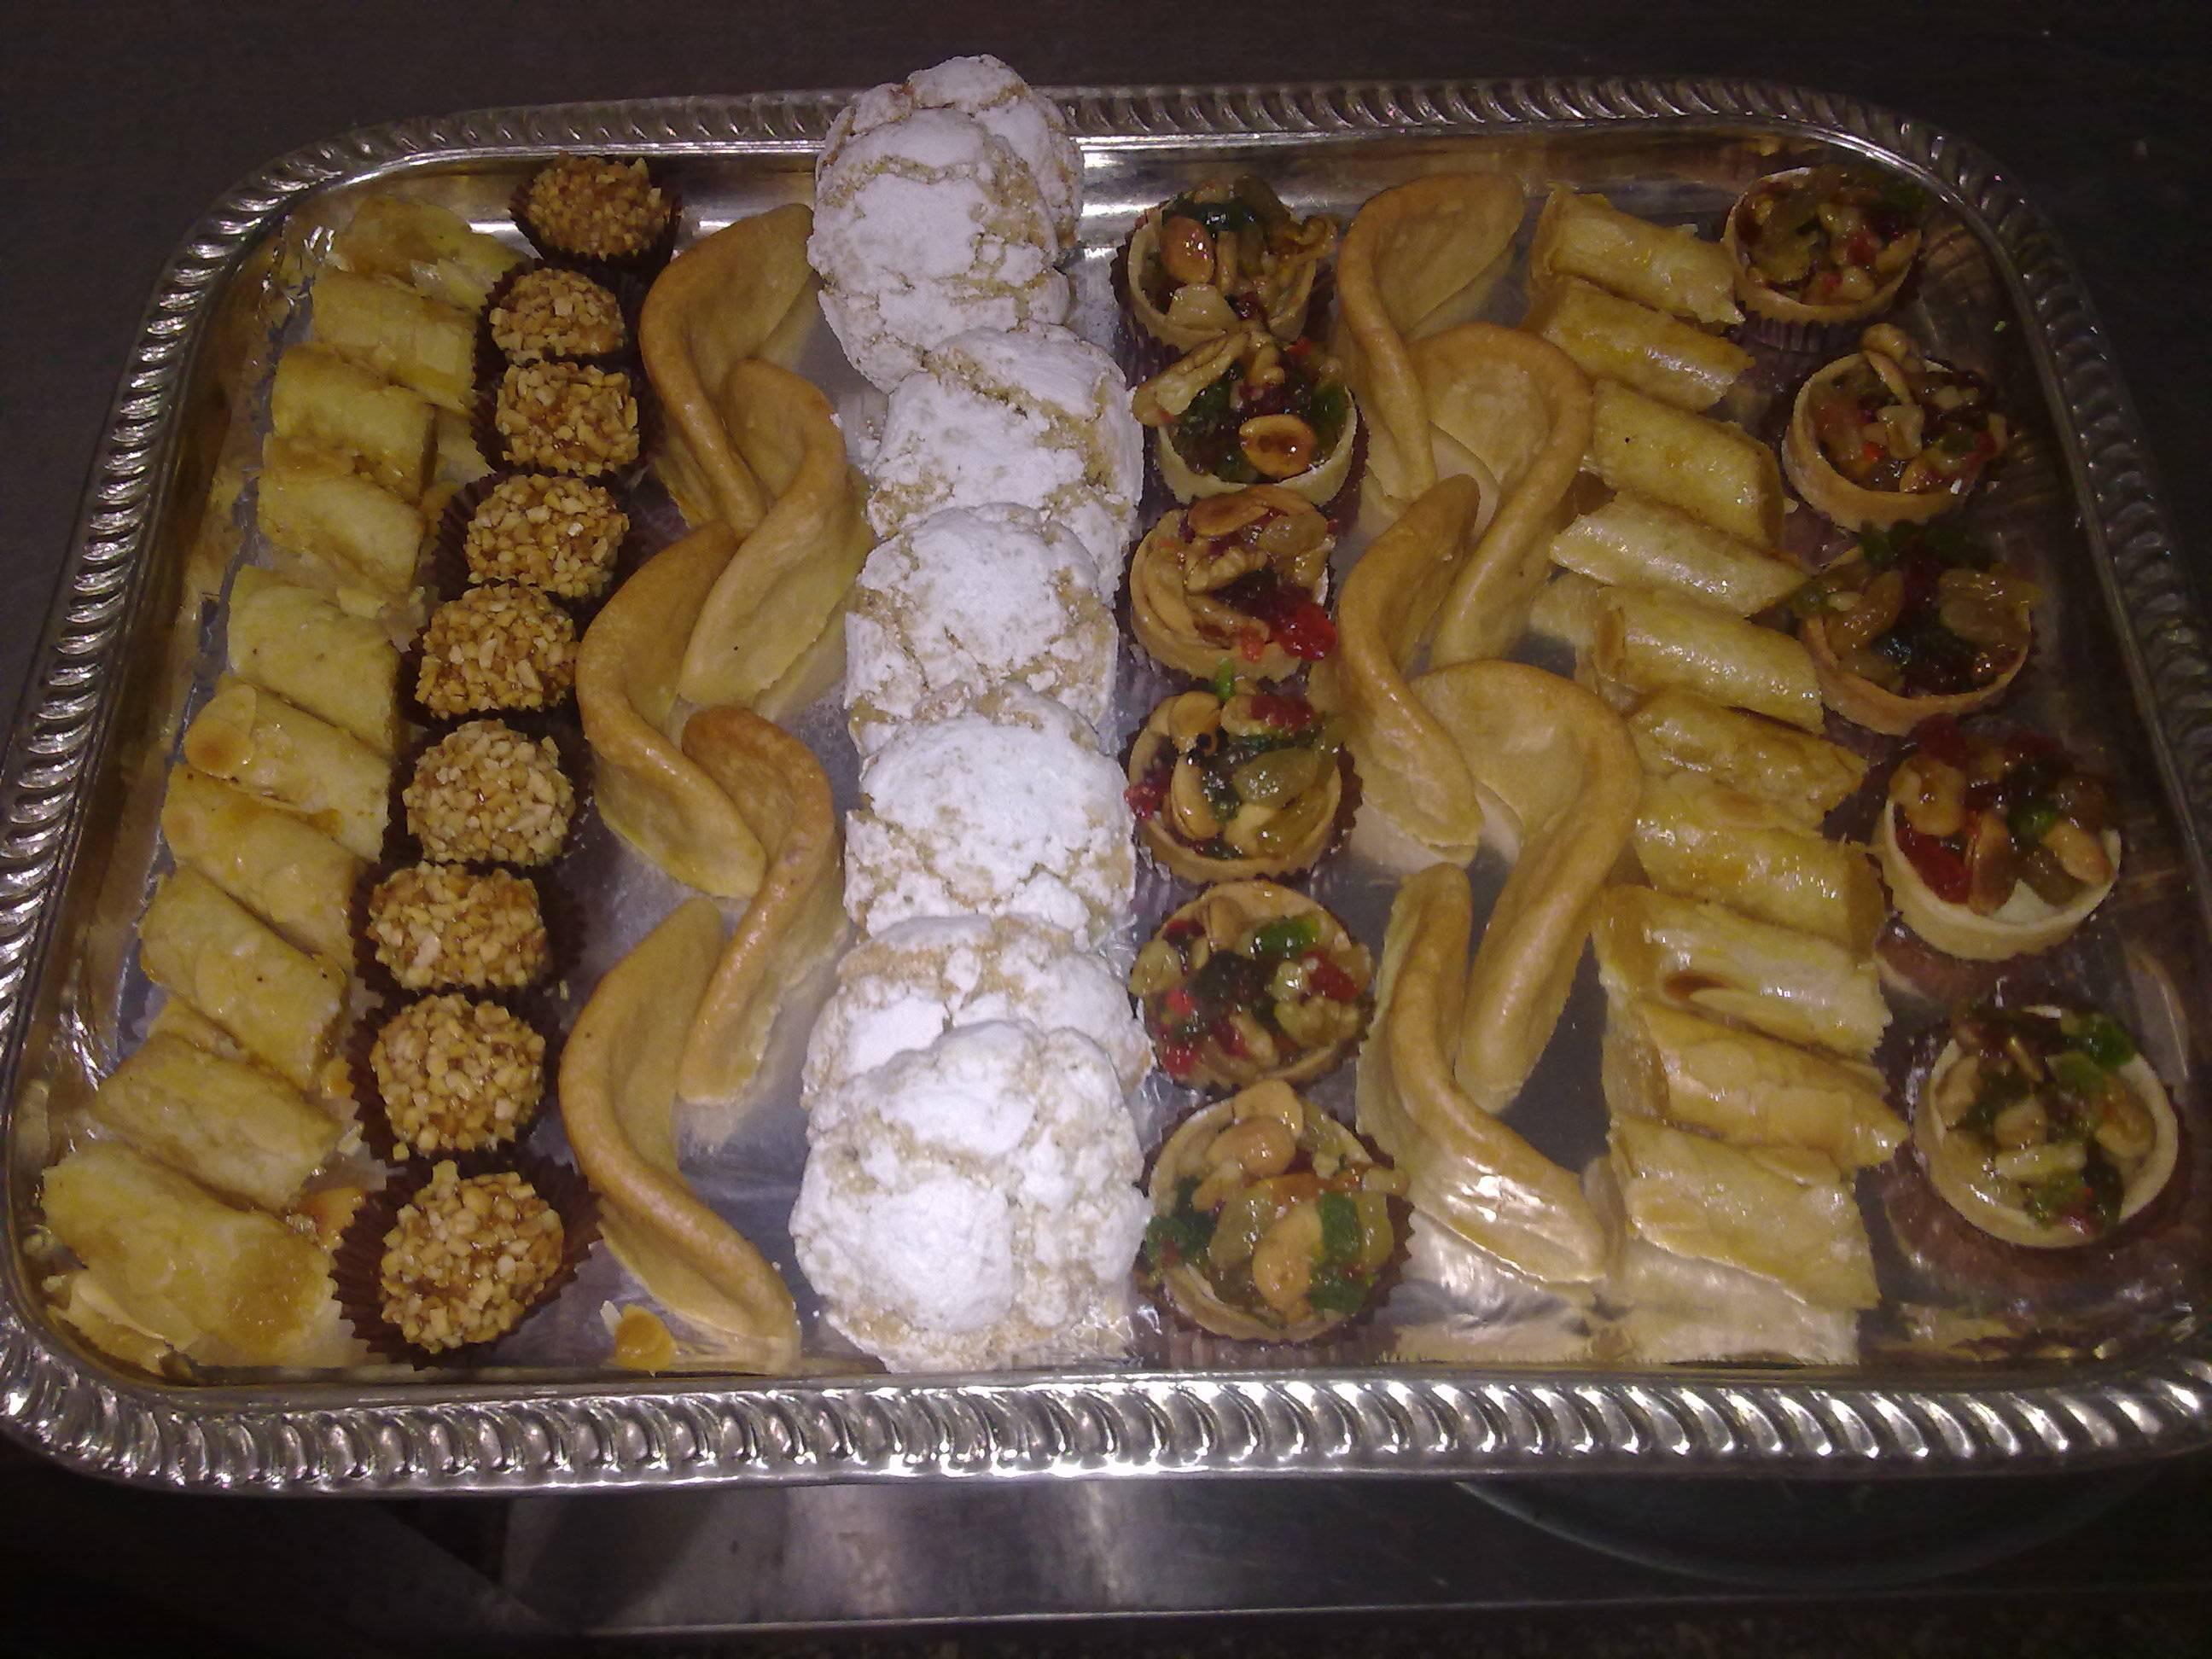 بالصور حلويات مغربية تقليدية , اروع واطعم اصناف الحلويات 367 1